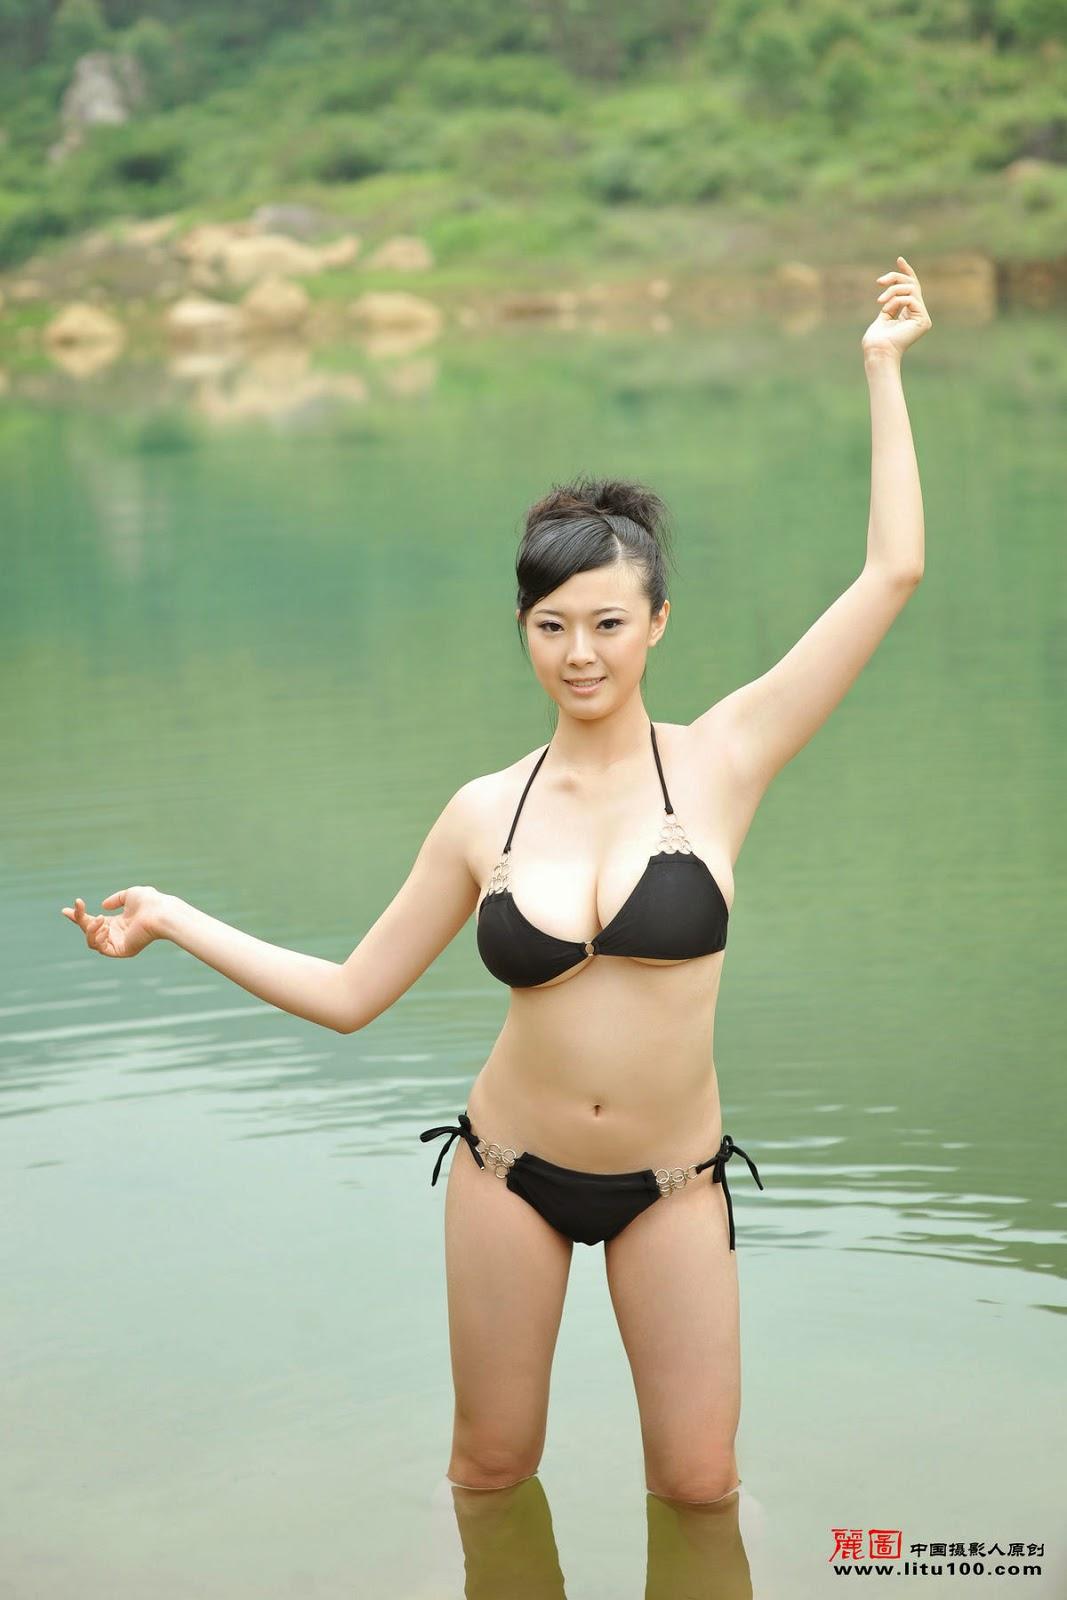 China putitas modelos